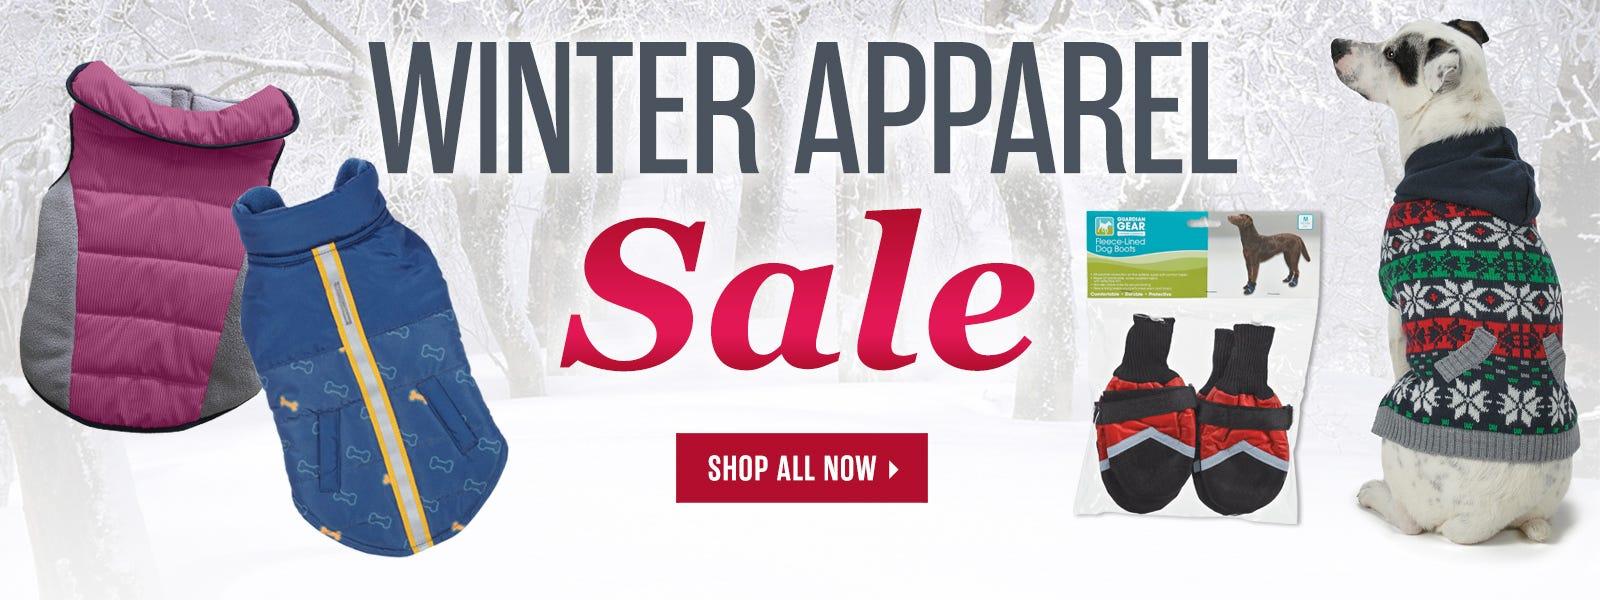 Winter Apparel Sale!